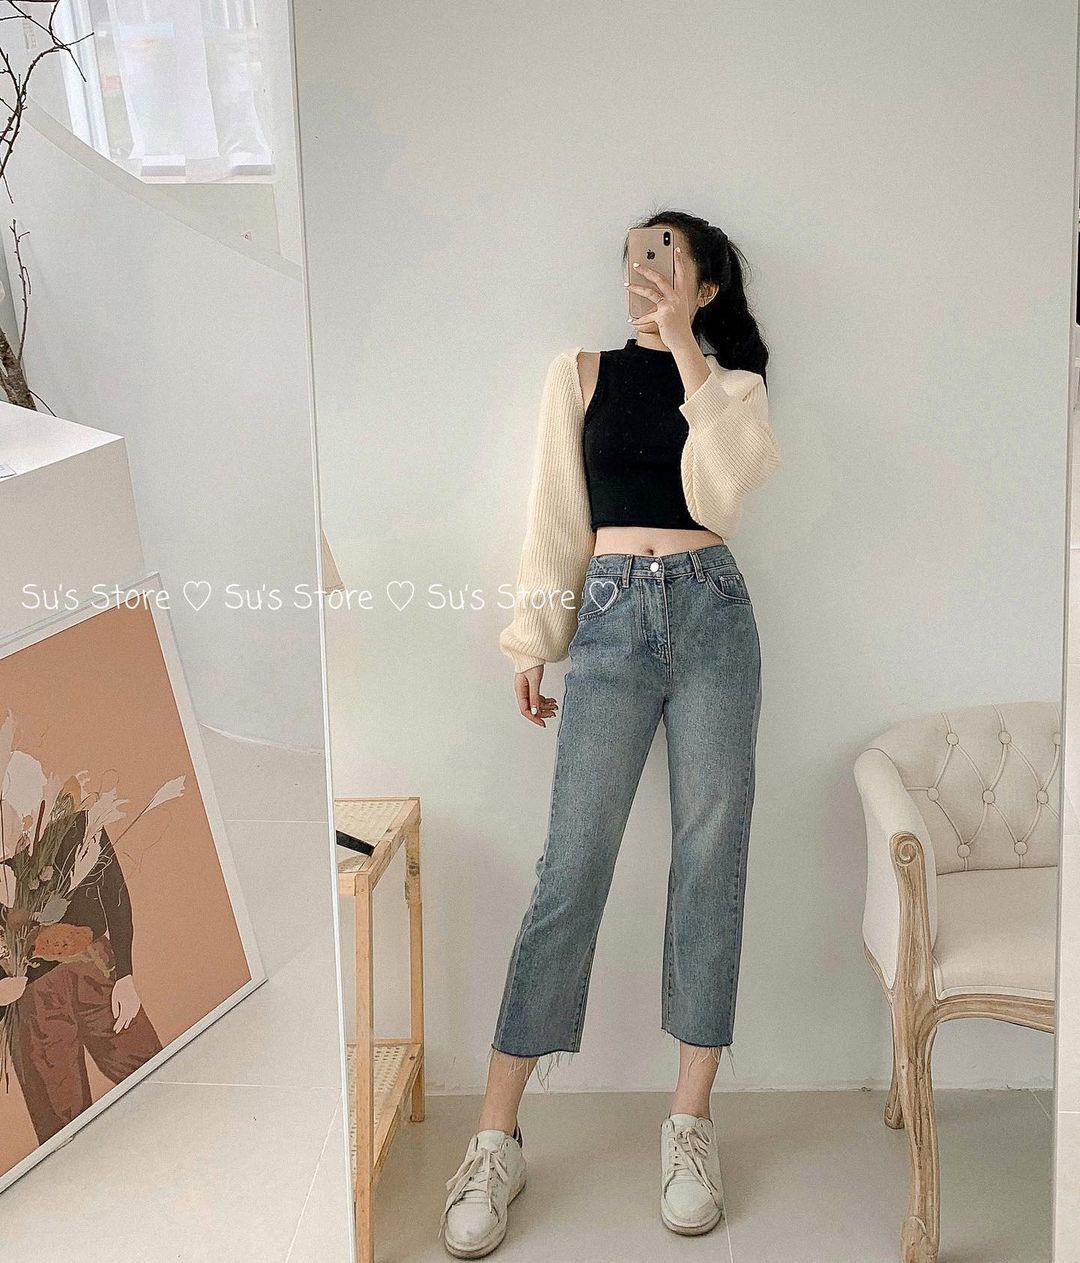 10 set đồ với quần jeans đáng sắm nhất tại các shop lúc này, giá cả thì cực kỳ yêu thương - Ảnh 2.